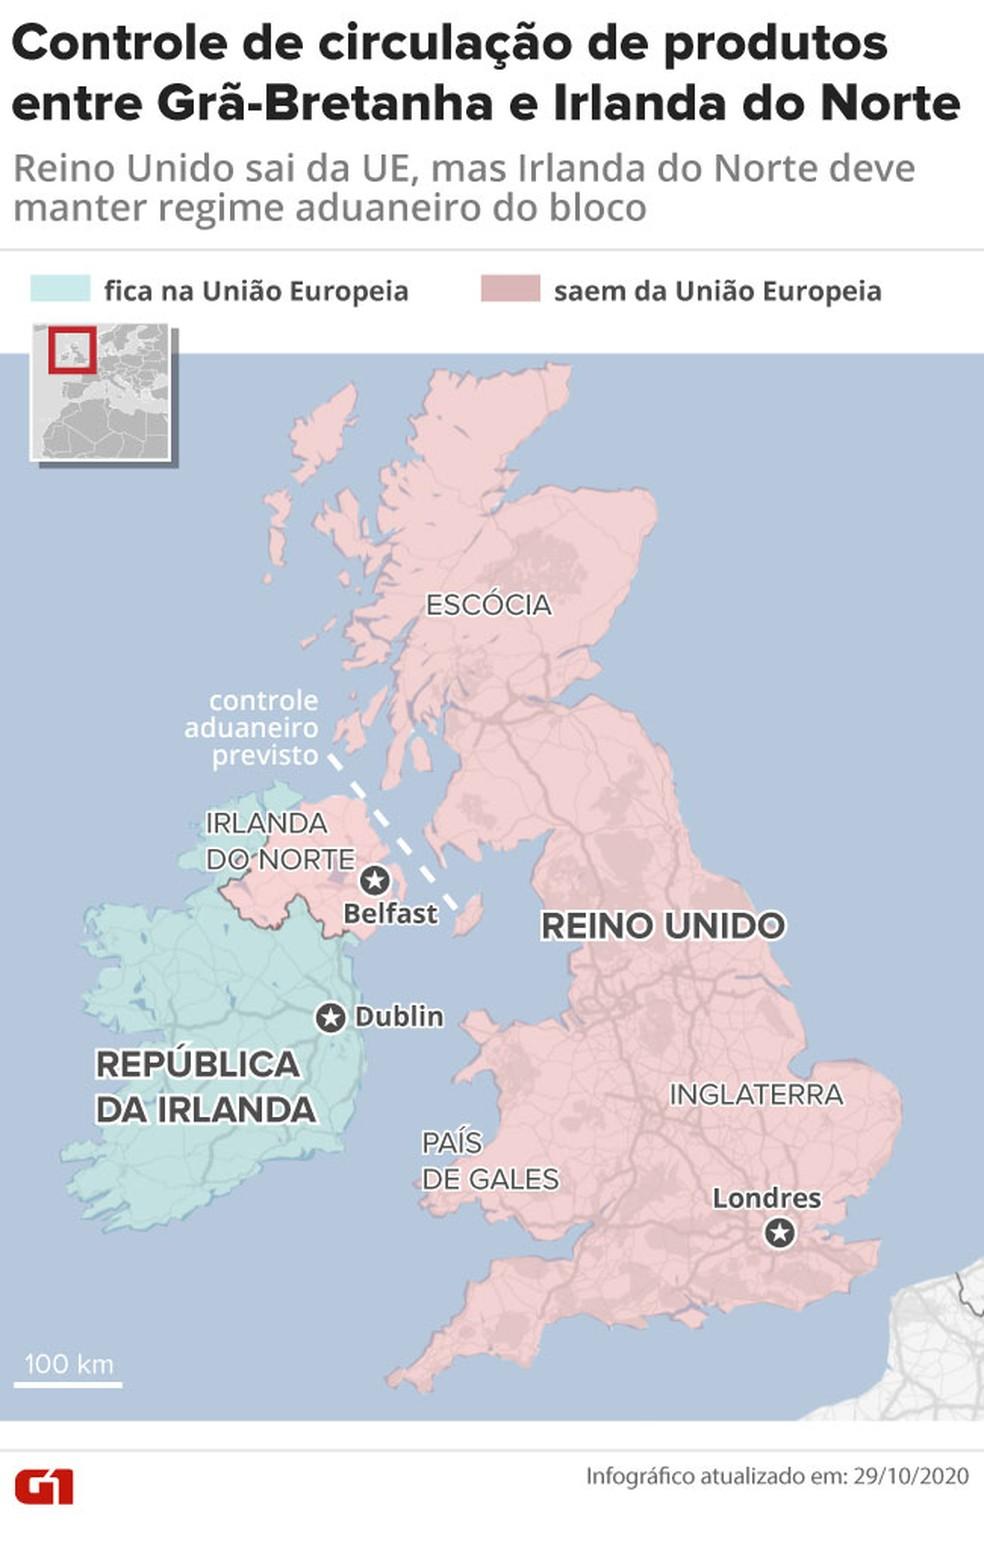 Controle aduaneiro entre Irlanda do Norte e Grã-Bretanha — Foto: Arte/G1